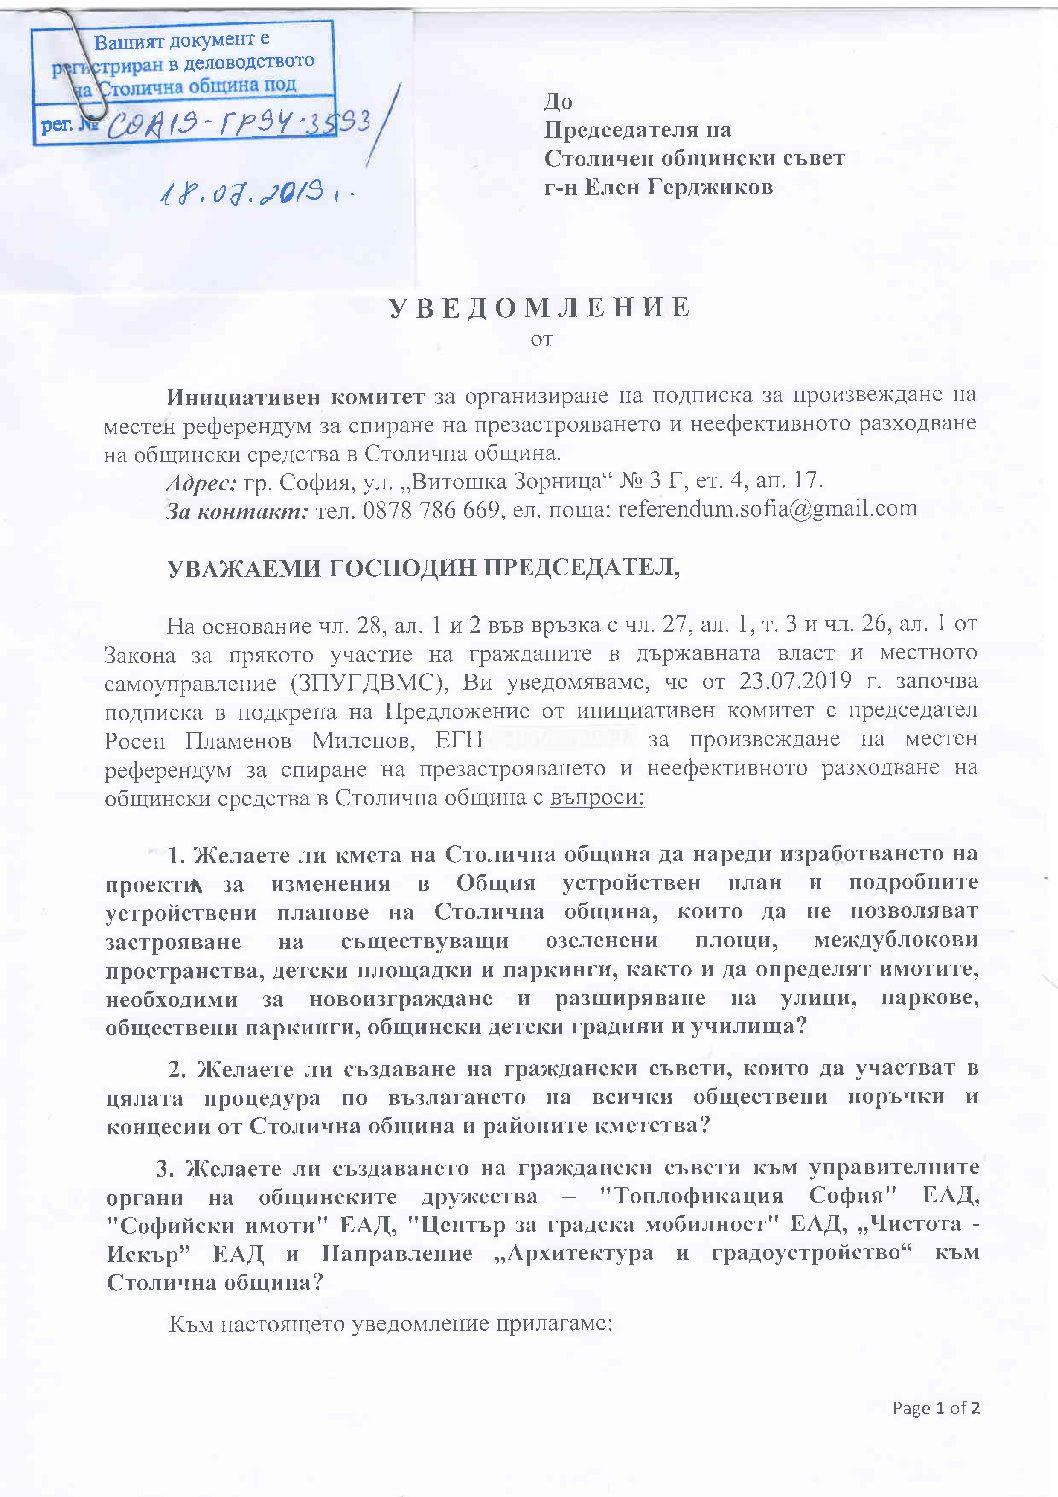 Уведомление до Столичен общински съвет за местен референдум